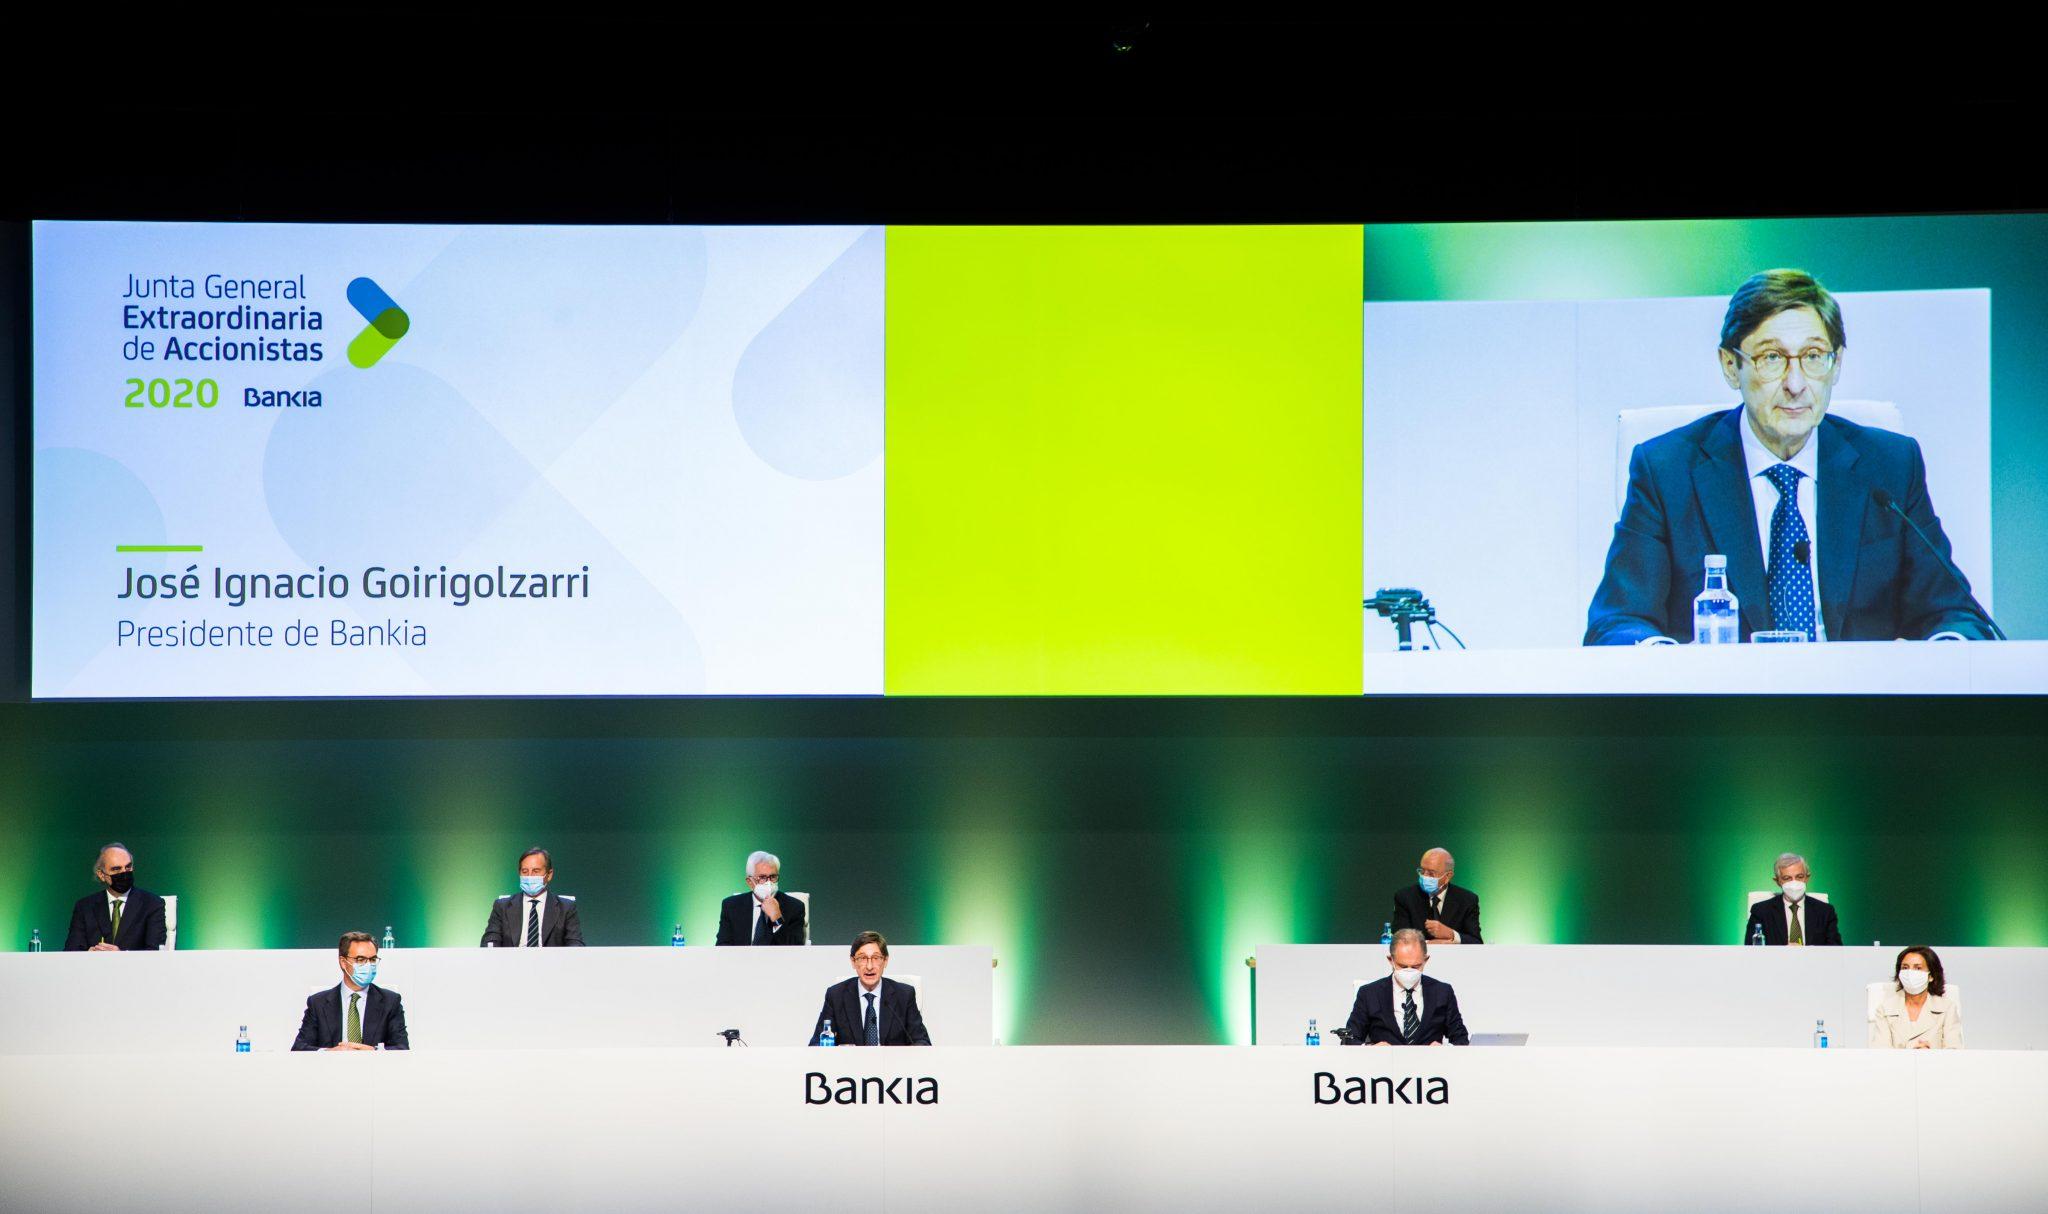 Junta General Extraordinaria de Accionistas de Bankia diciembre 2020